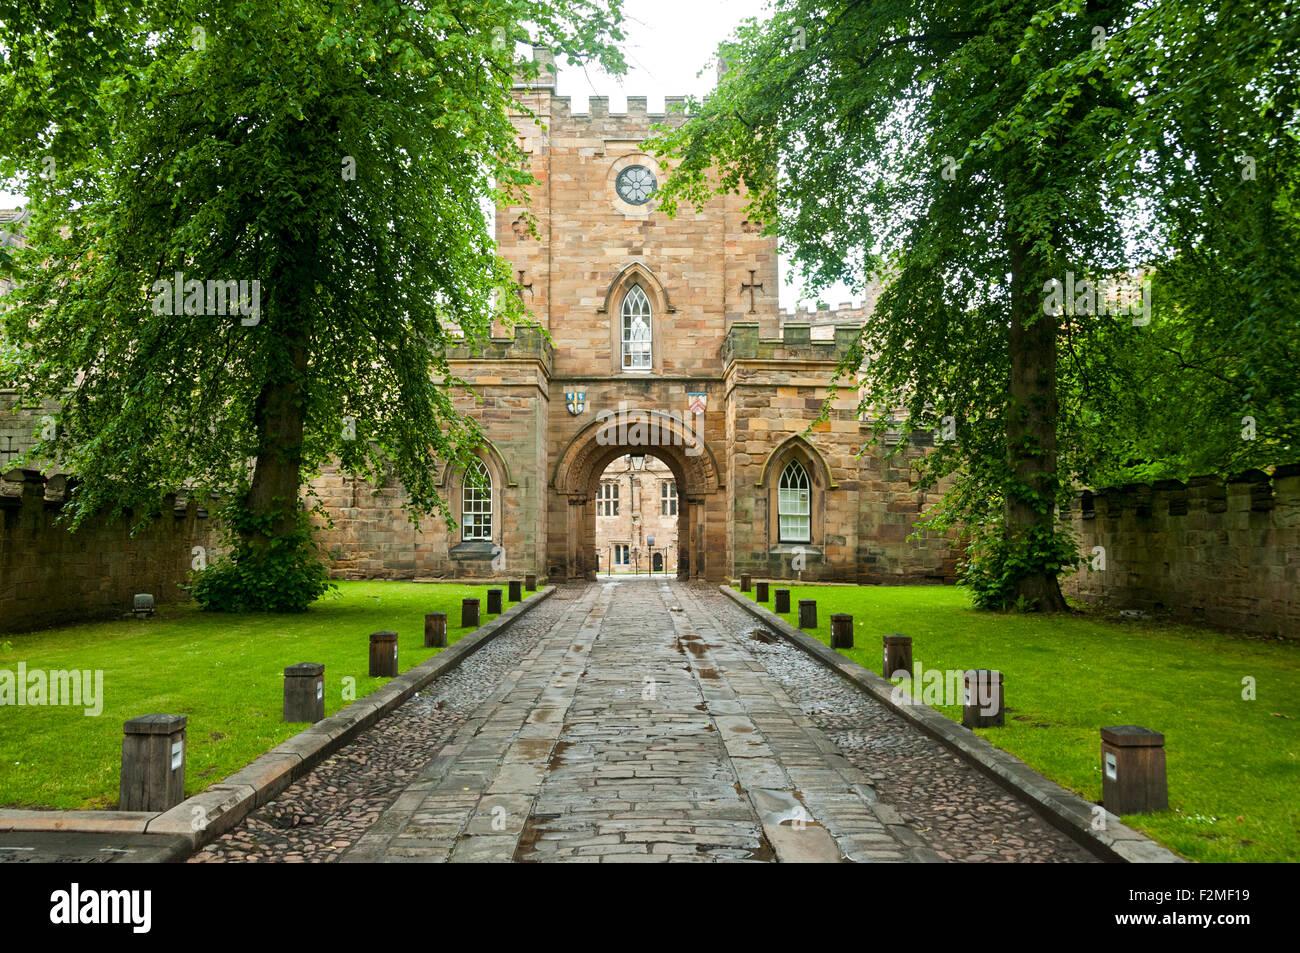 The Gatehouse of University College, Durham Castle, Durham, England, UK - Stock Image